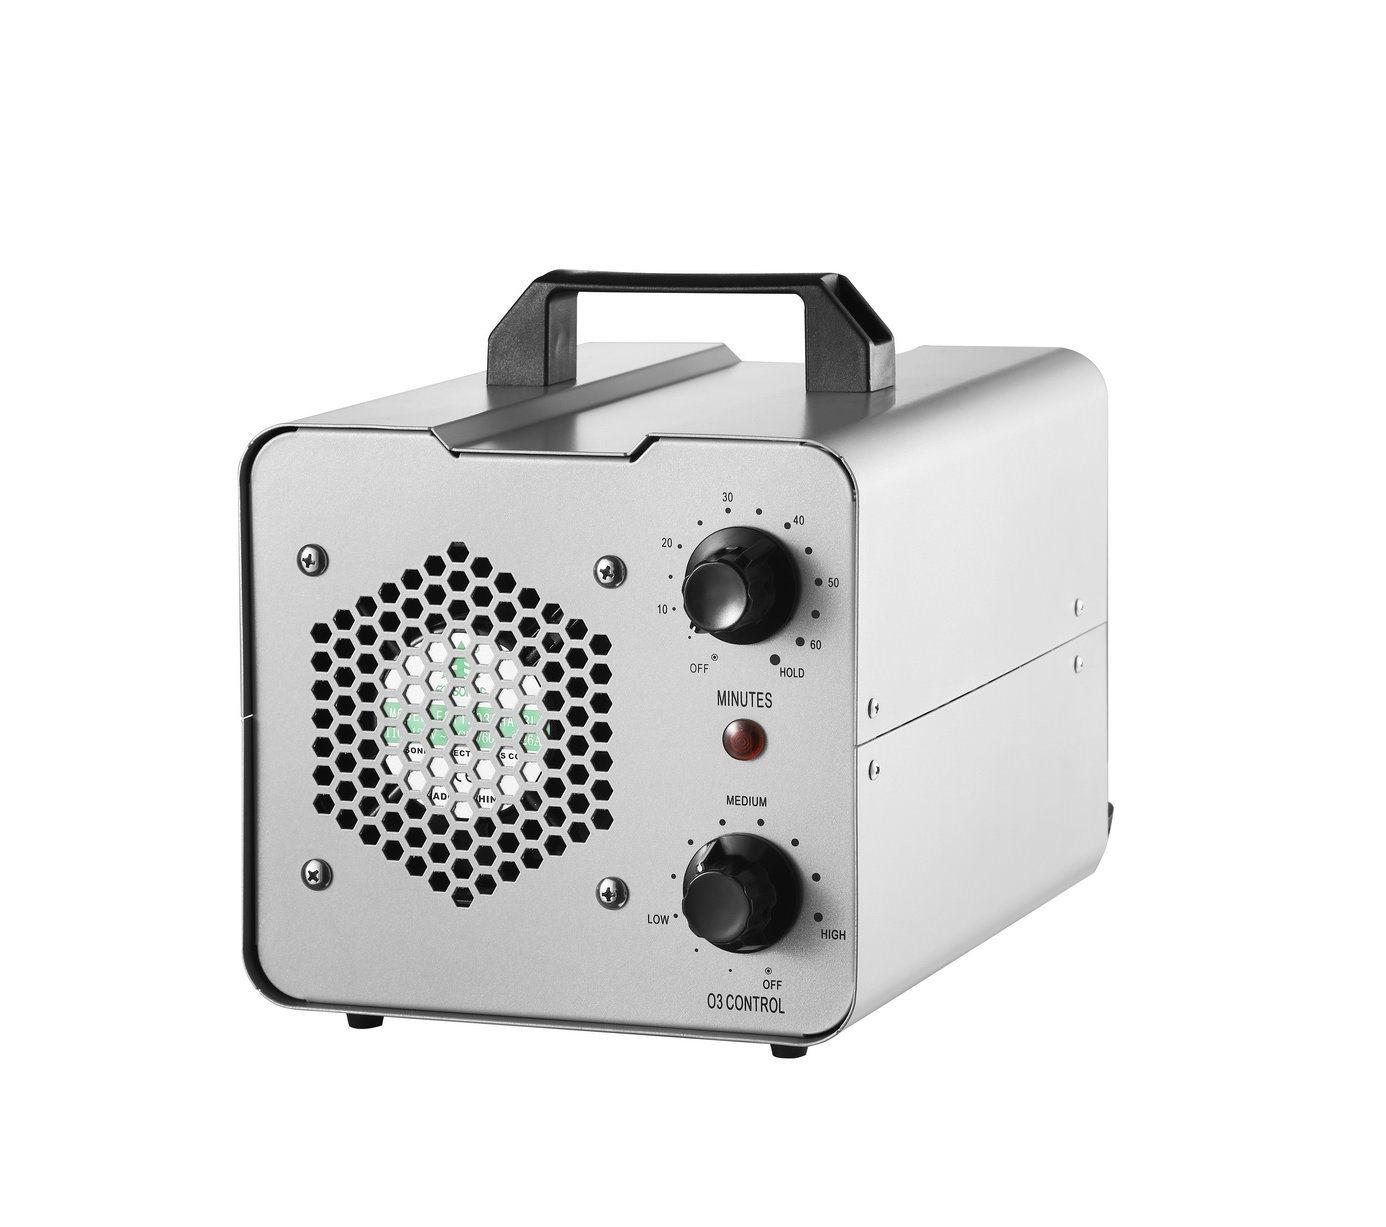 150mg-1200mg Adjustable Ozone Generator with HEPA